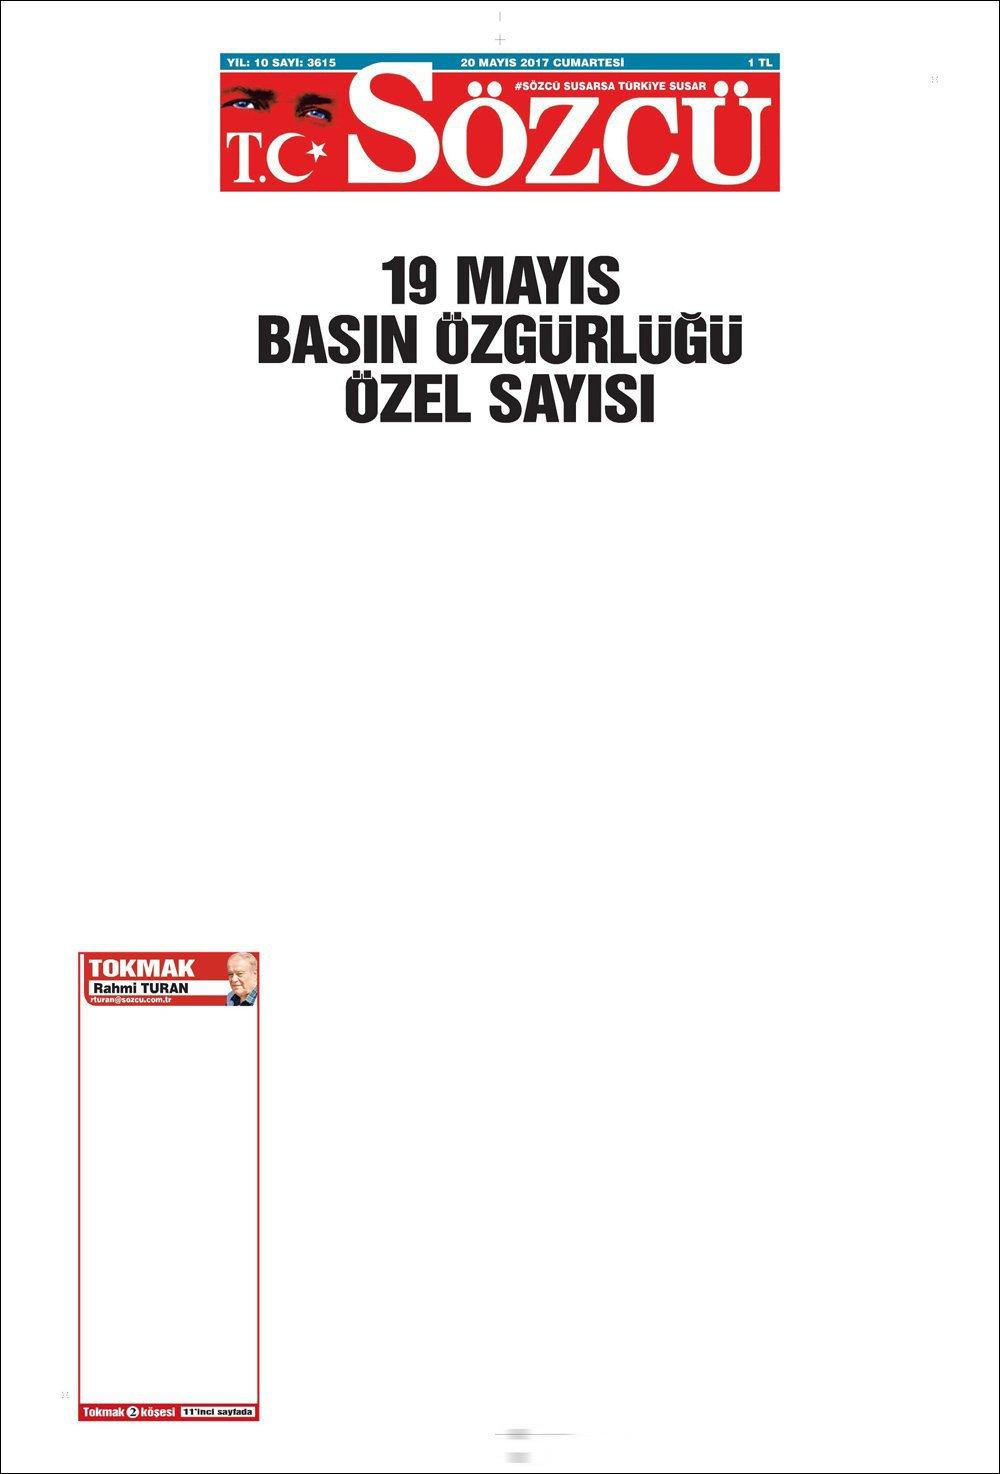 Sözcü newspaper's press freedom special issue